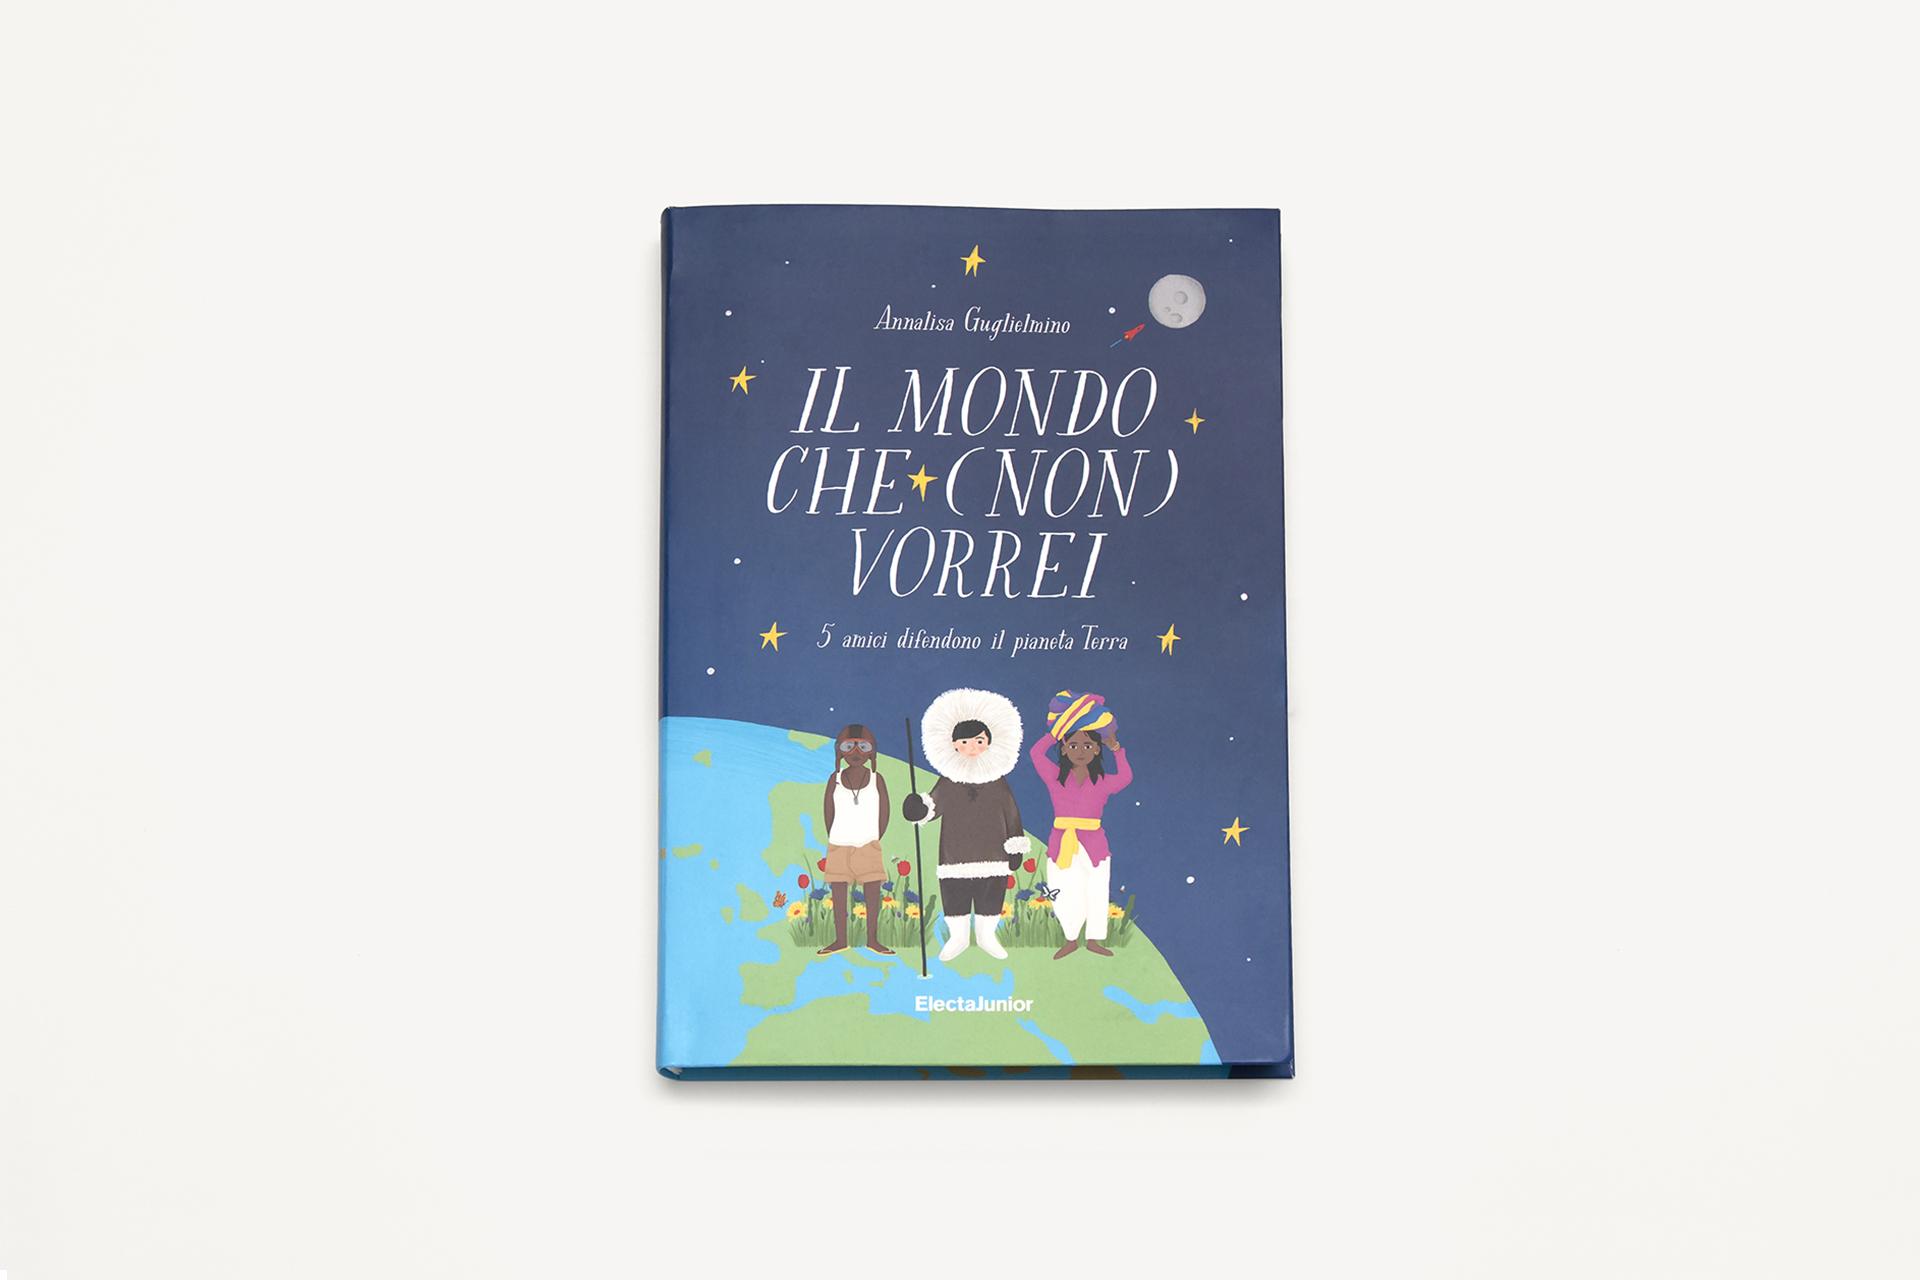 Il mondo che (non) vorrei